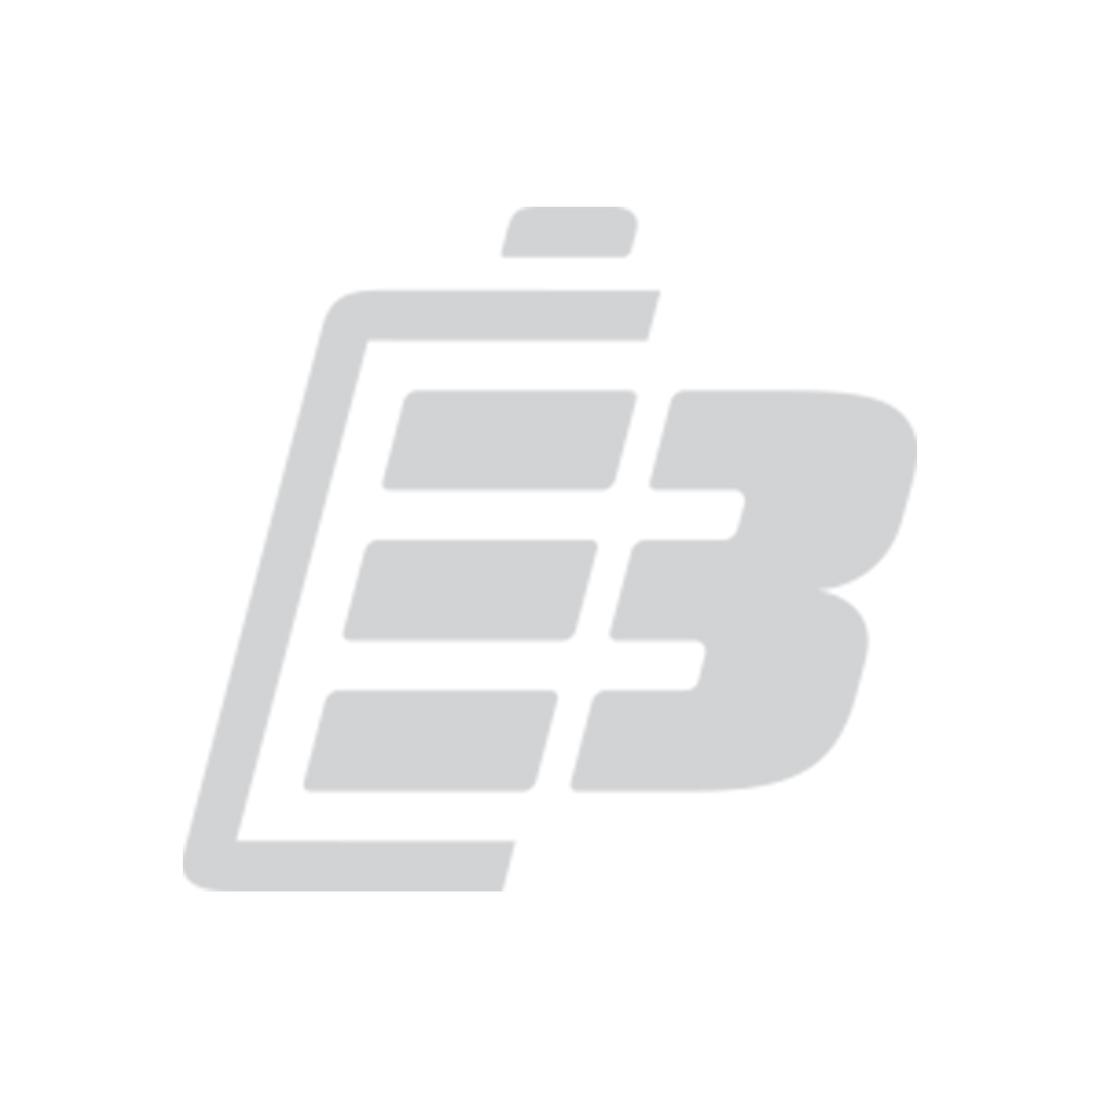 Μπαταρία barcode scanner Psion Workabout MX_1